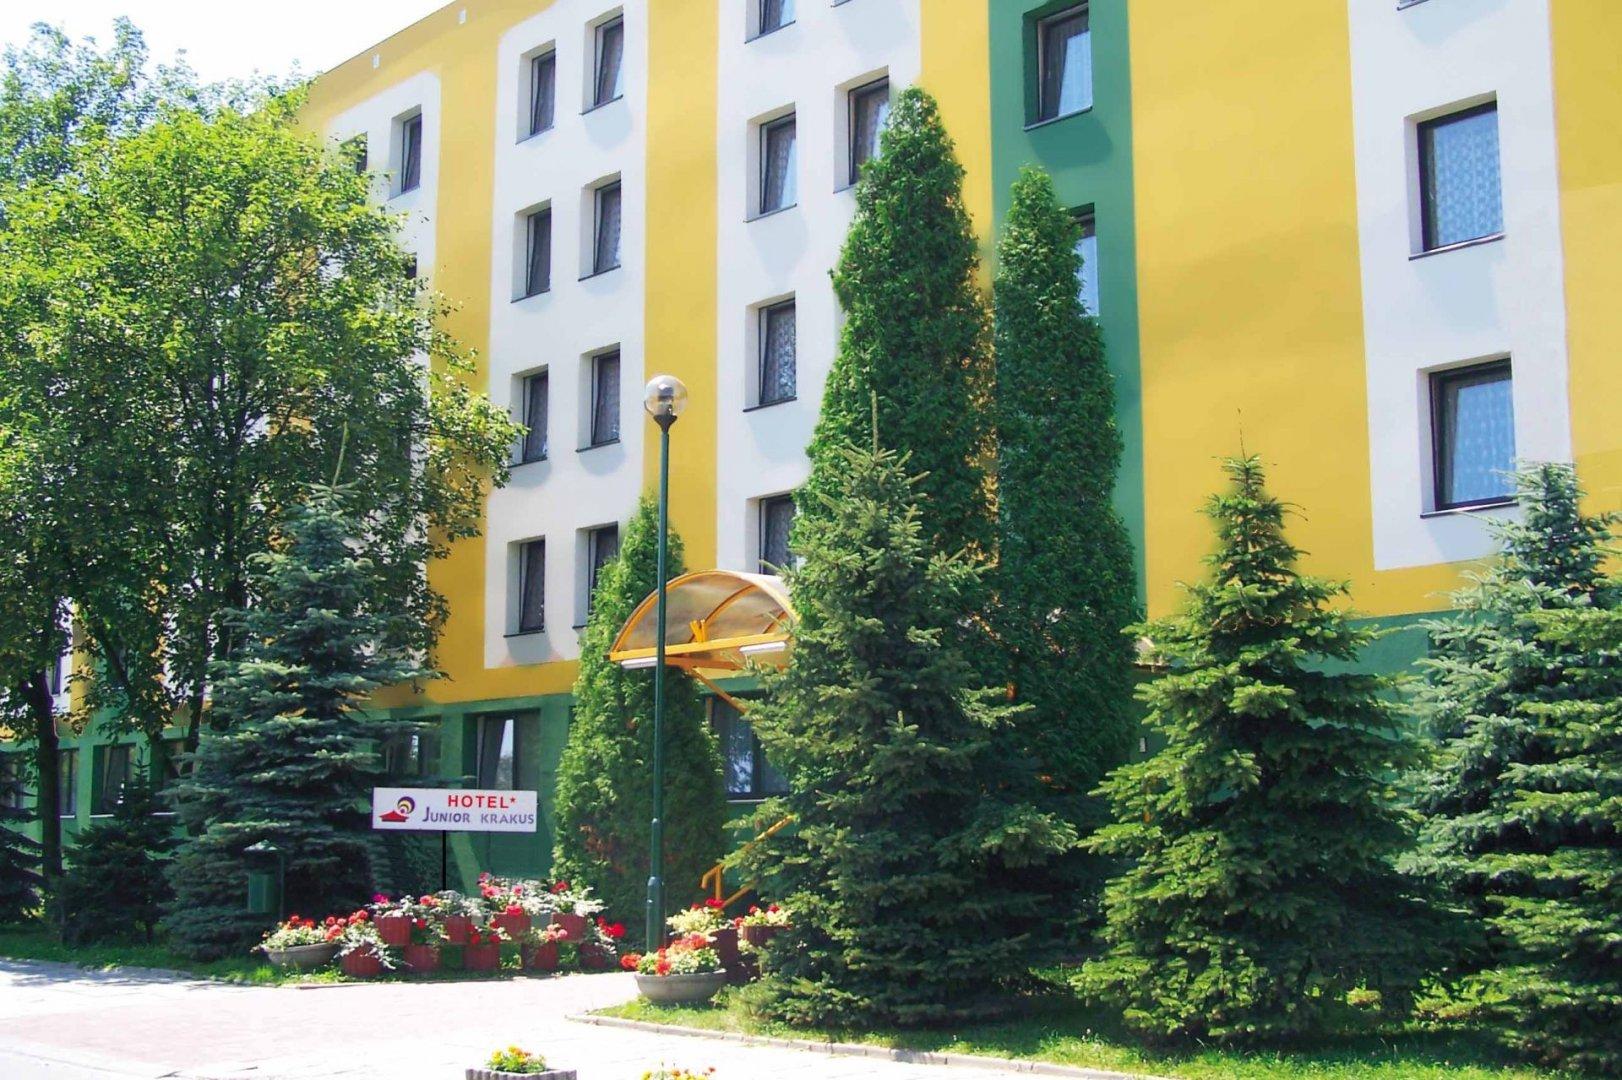 Junior Krakus Hotel